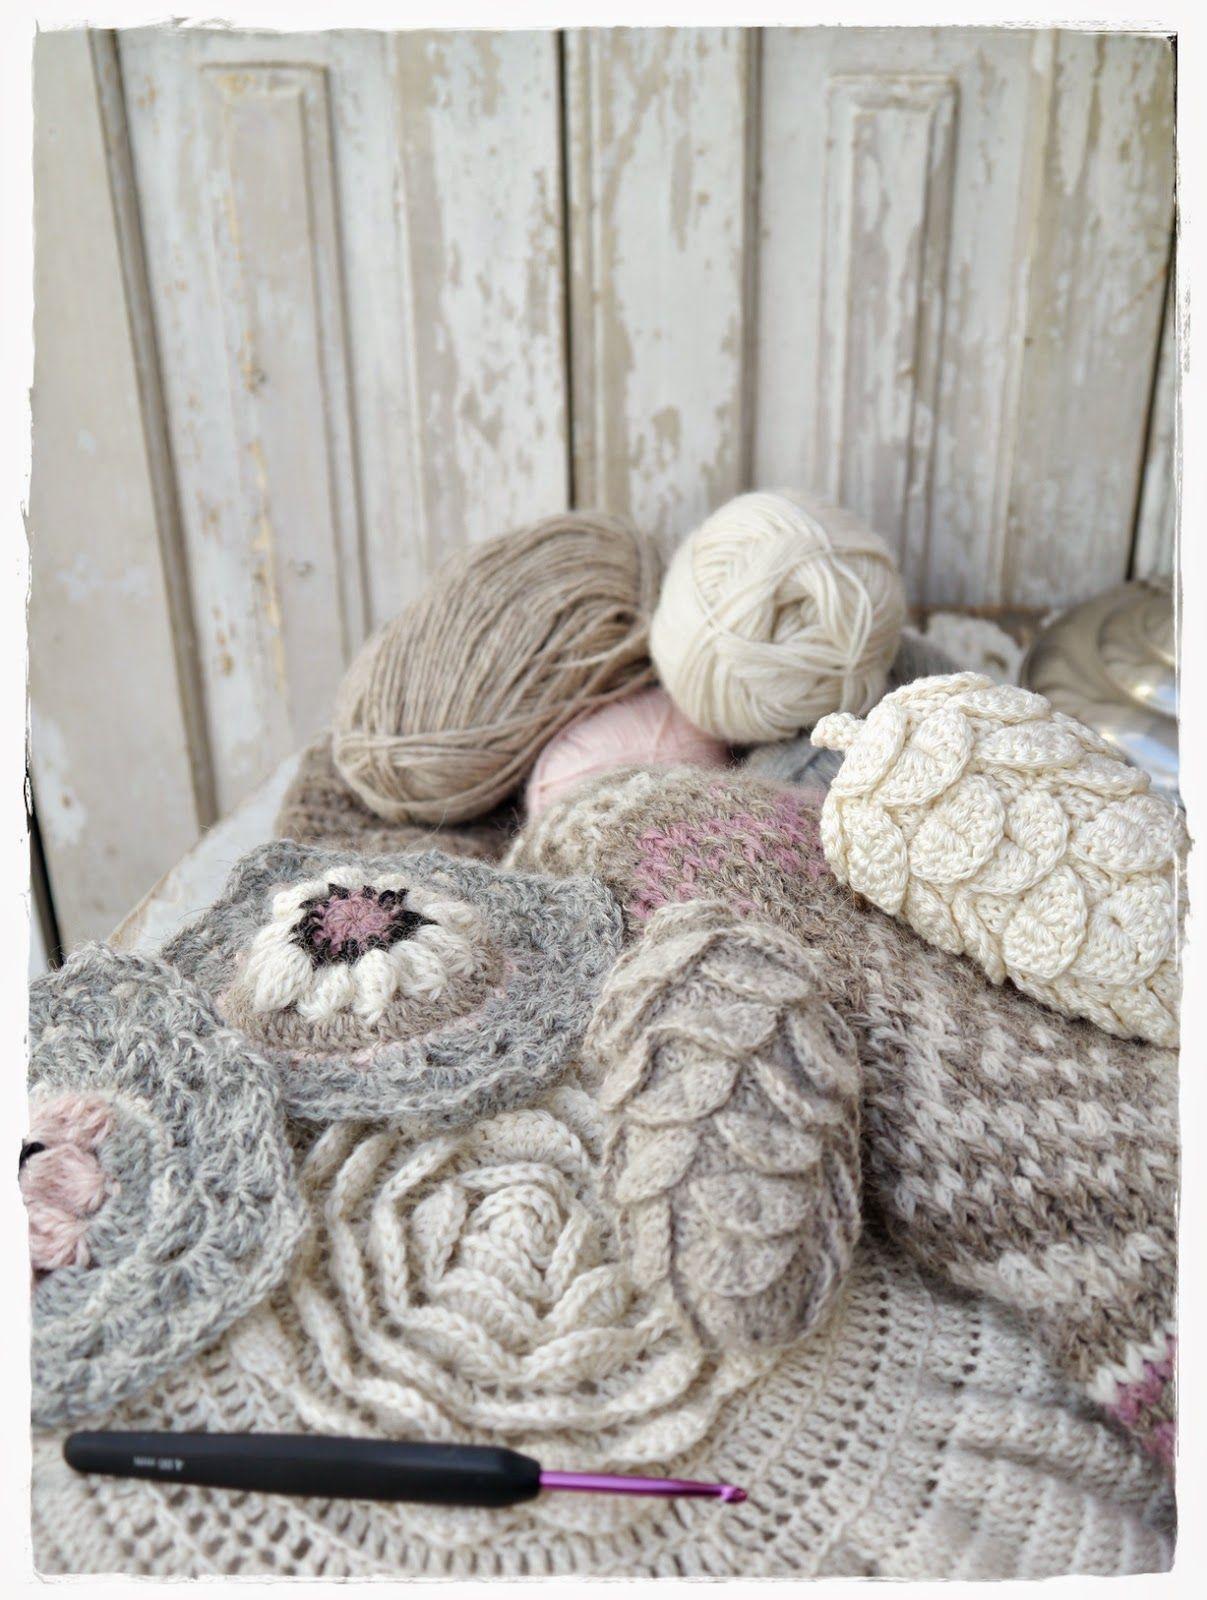 pin von u jin choi auf crochet2 pinterest h keln stricken und stricken und h keln. Black Bedroom Furniture Sets. Home Design Ideas